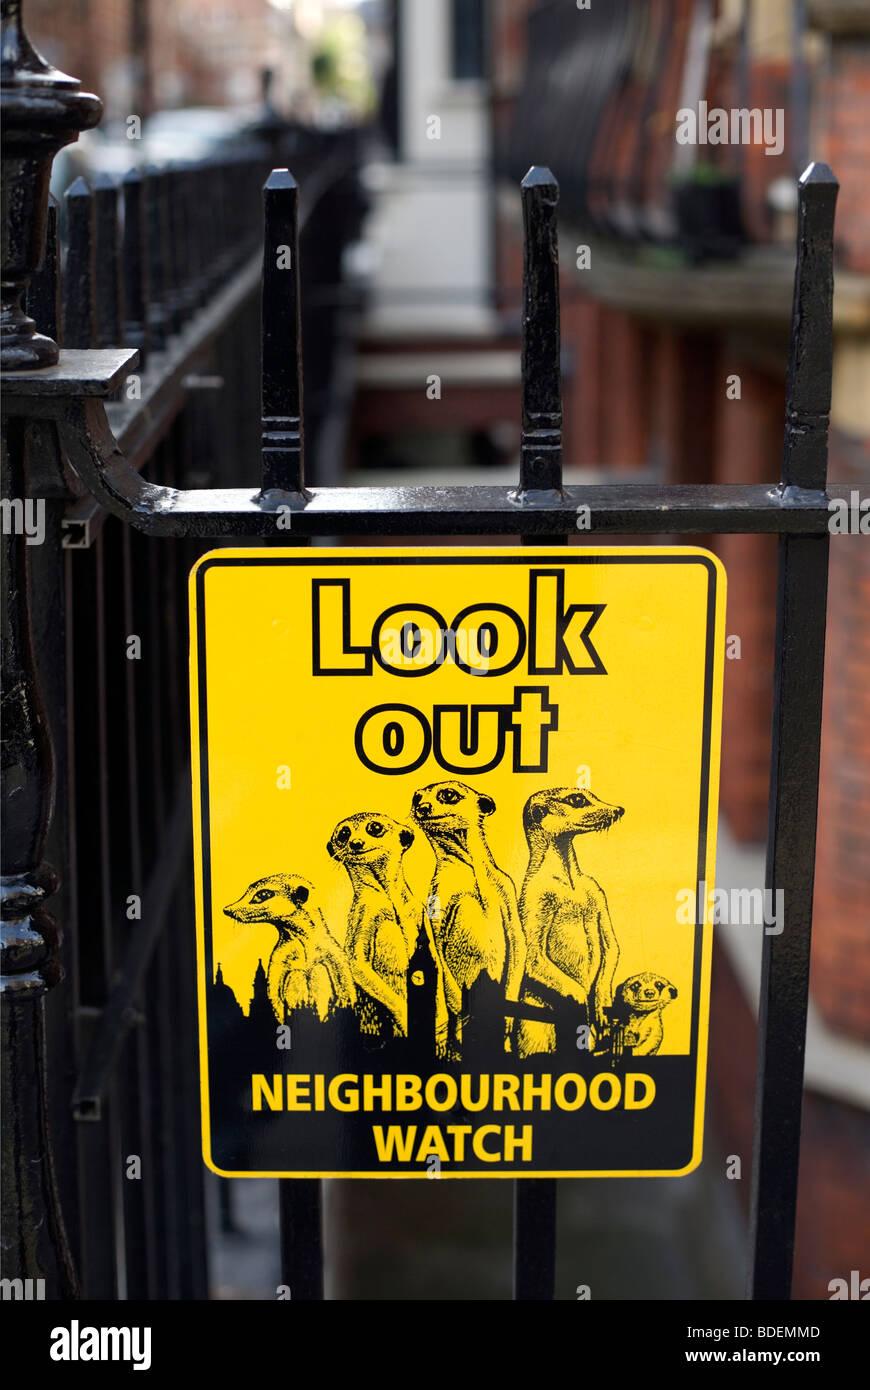 Neighbourhood Watch sign, London, England, UK, Europe - Stock Image